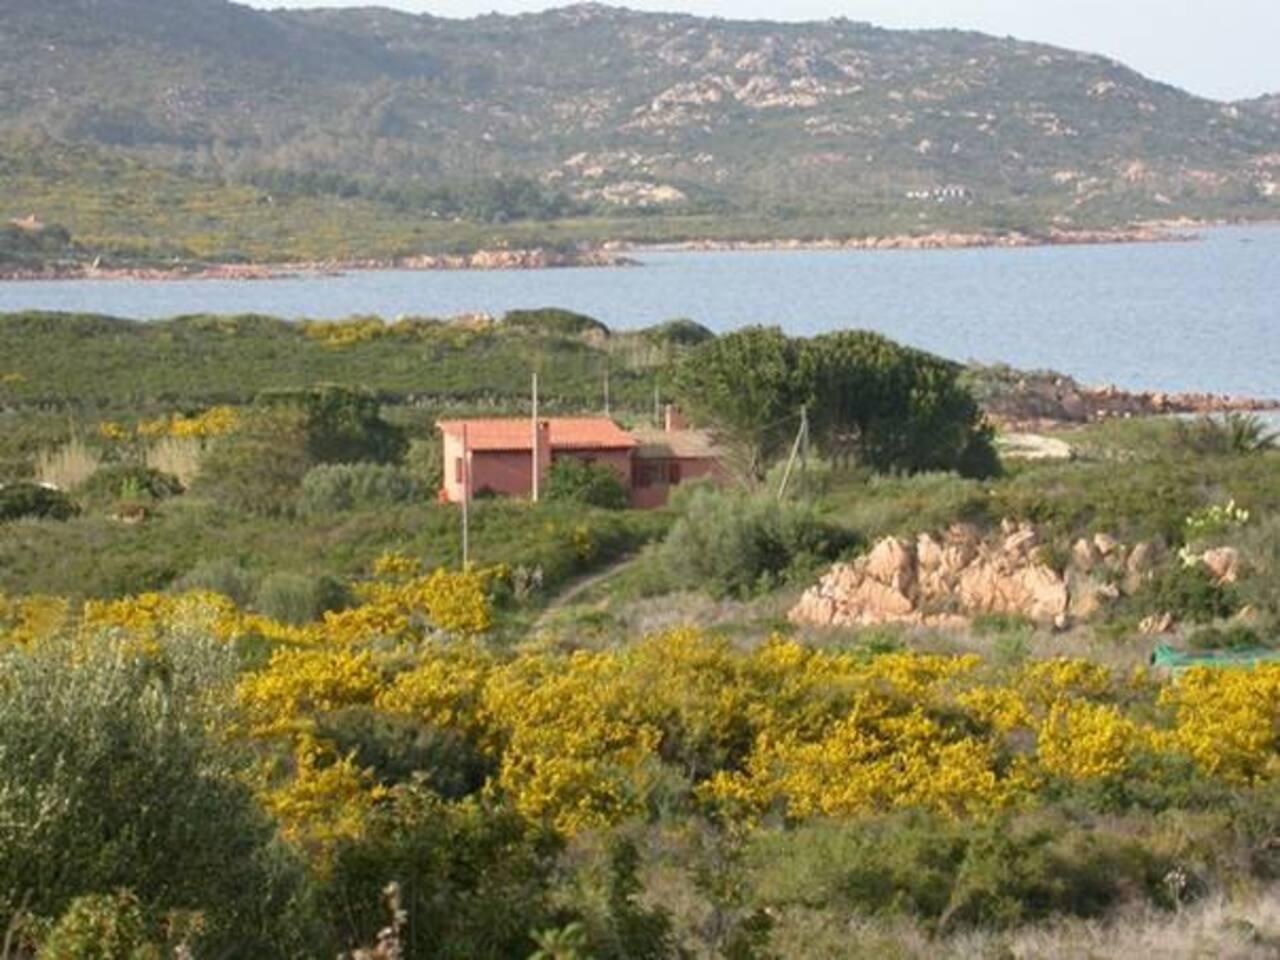 Vista della casa e della baia dalla collina.